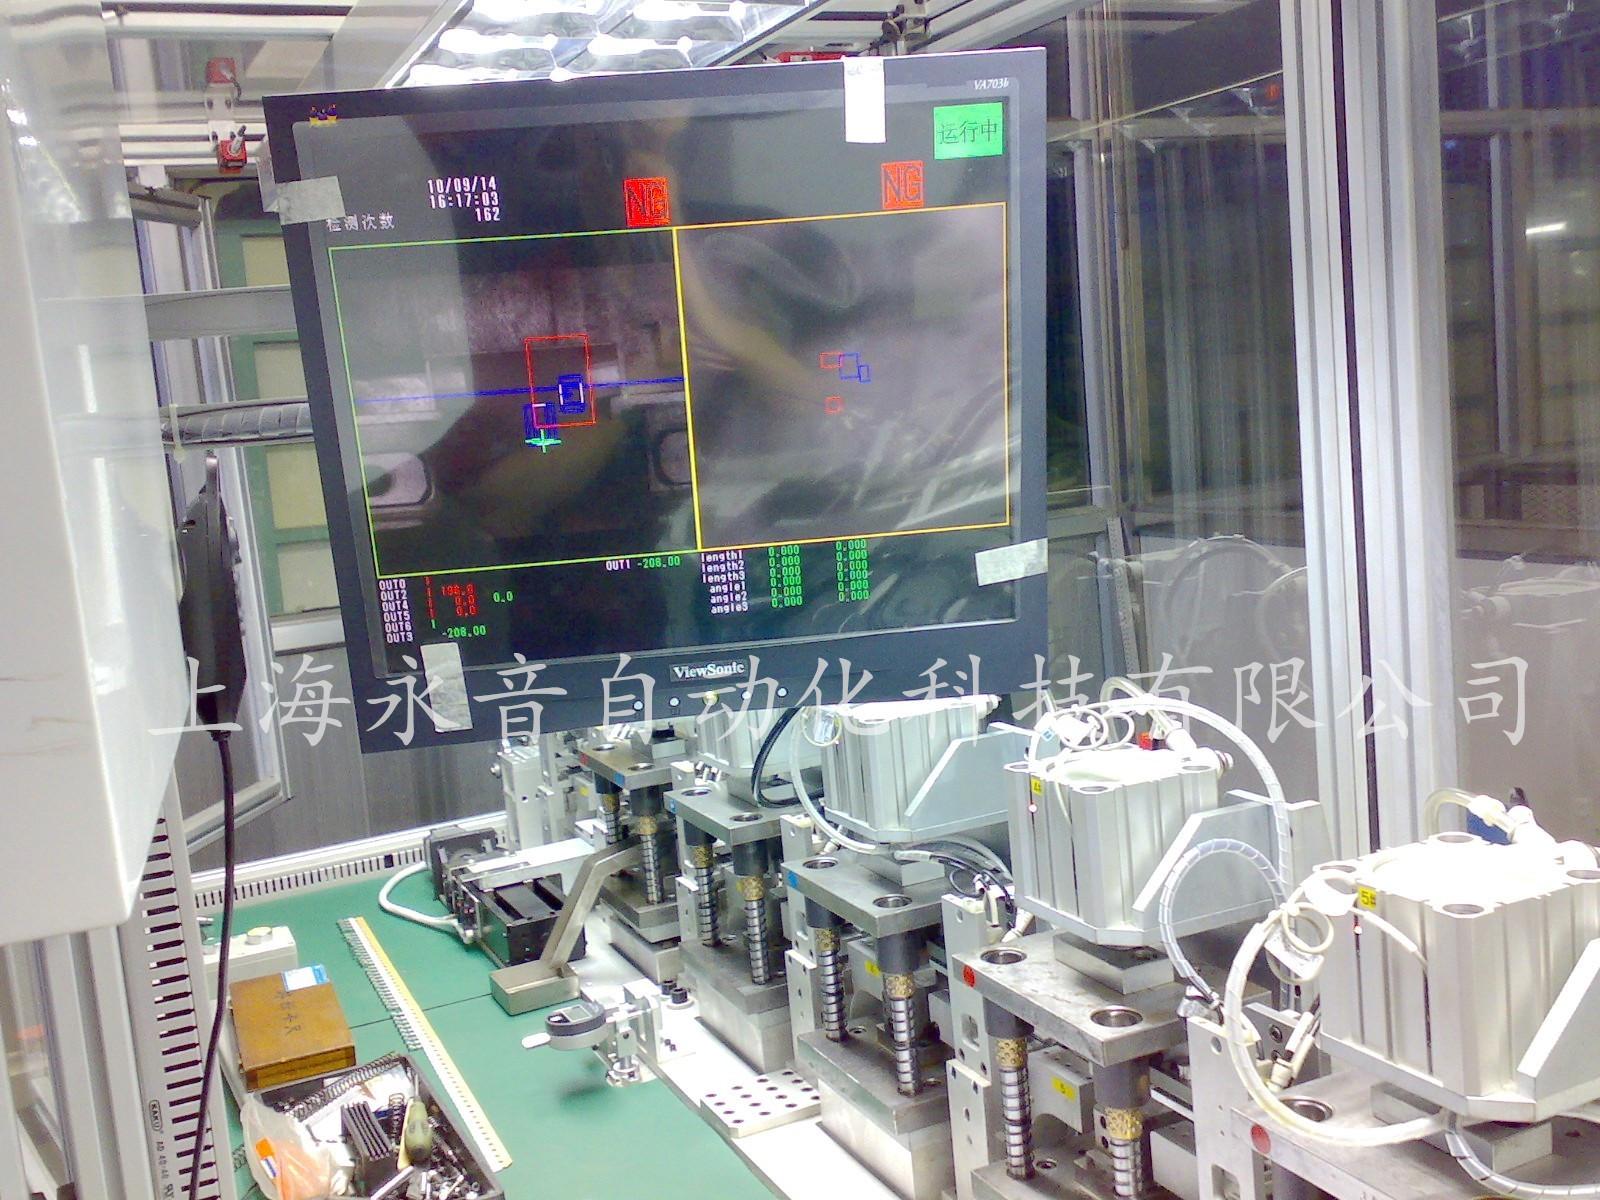 CCD視覺自動檢測的價值